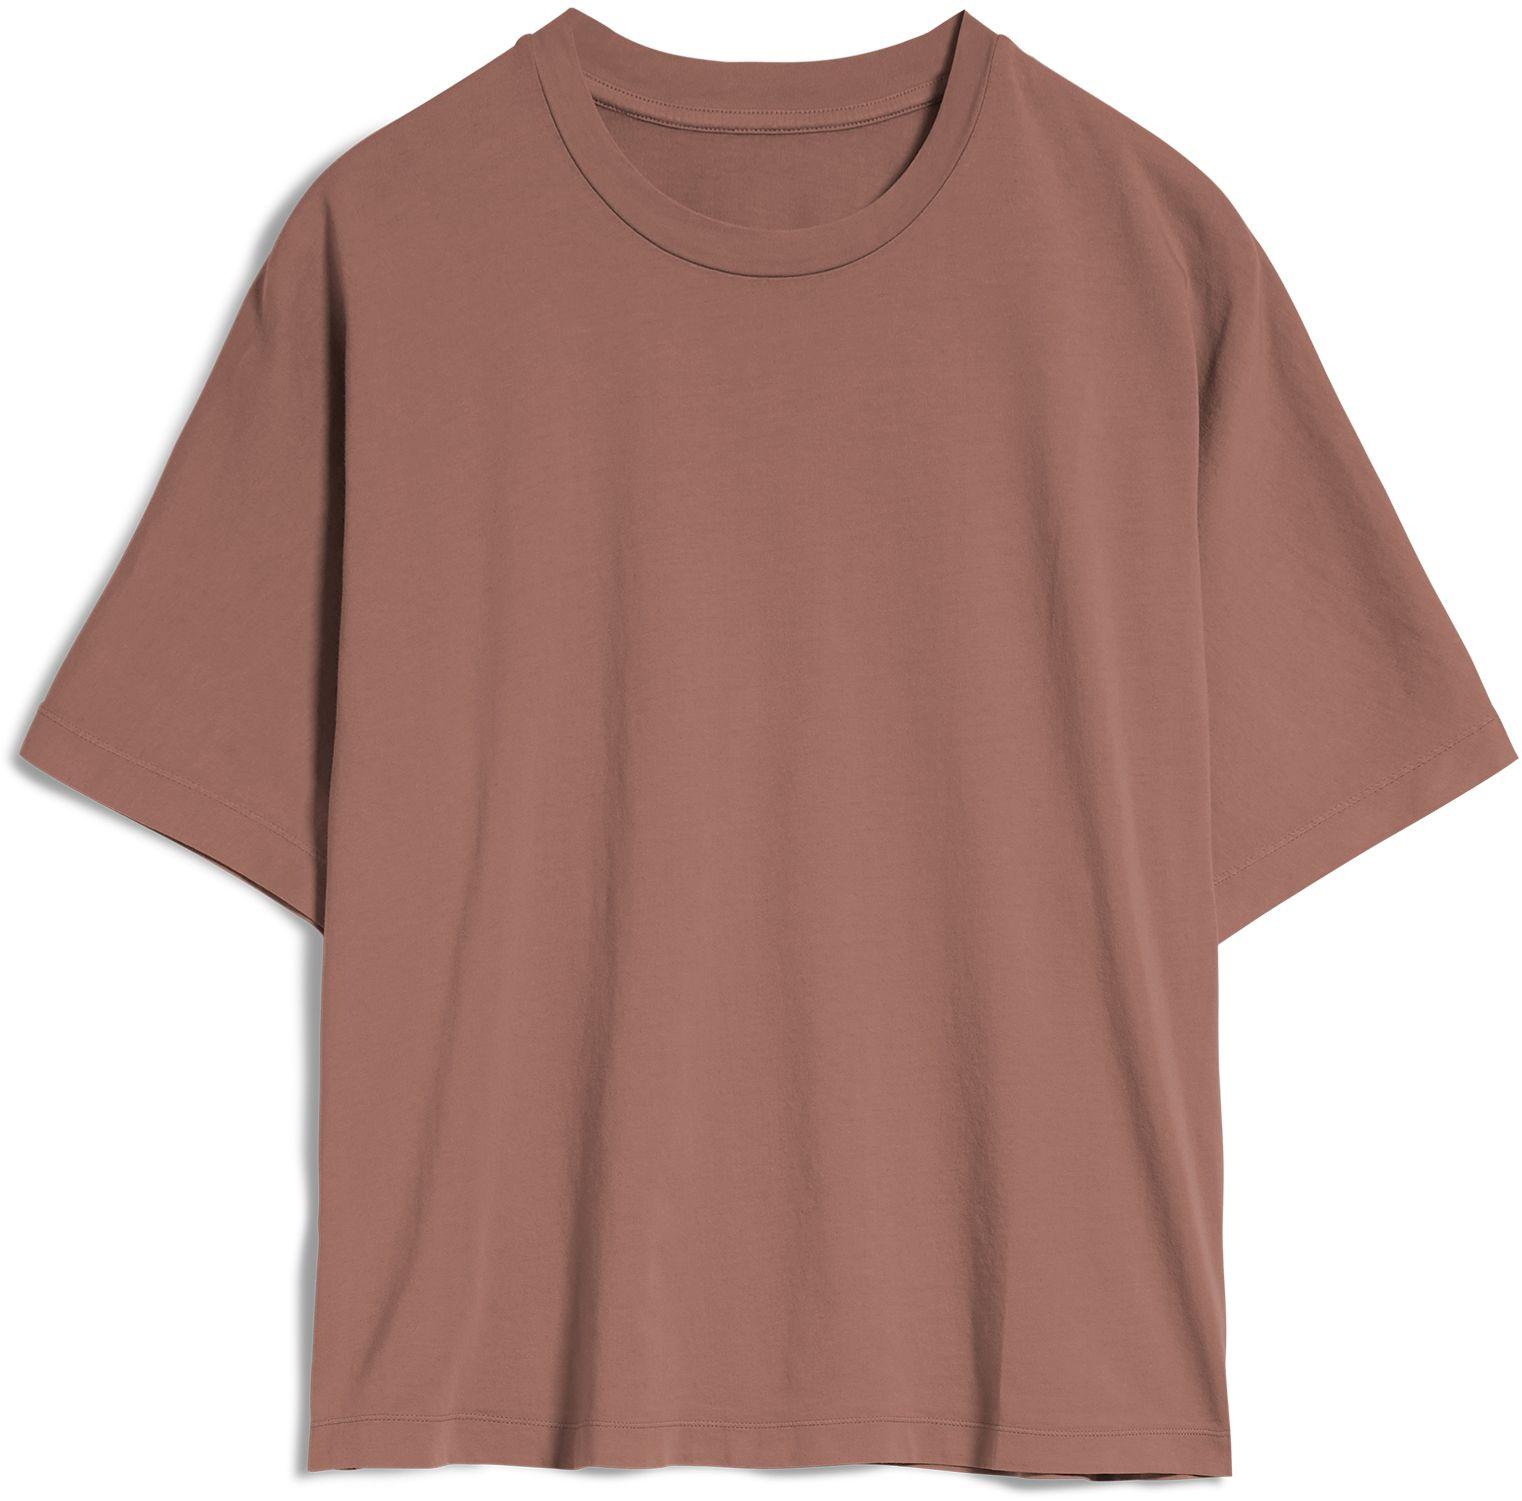 Damen-Shirt KAJAA EARTHCOLORS natural dusty rose